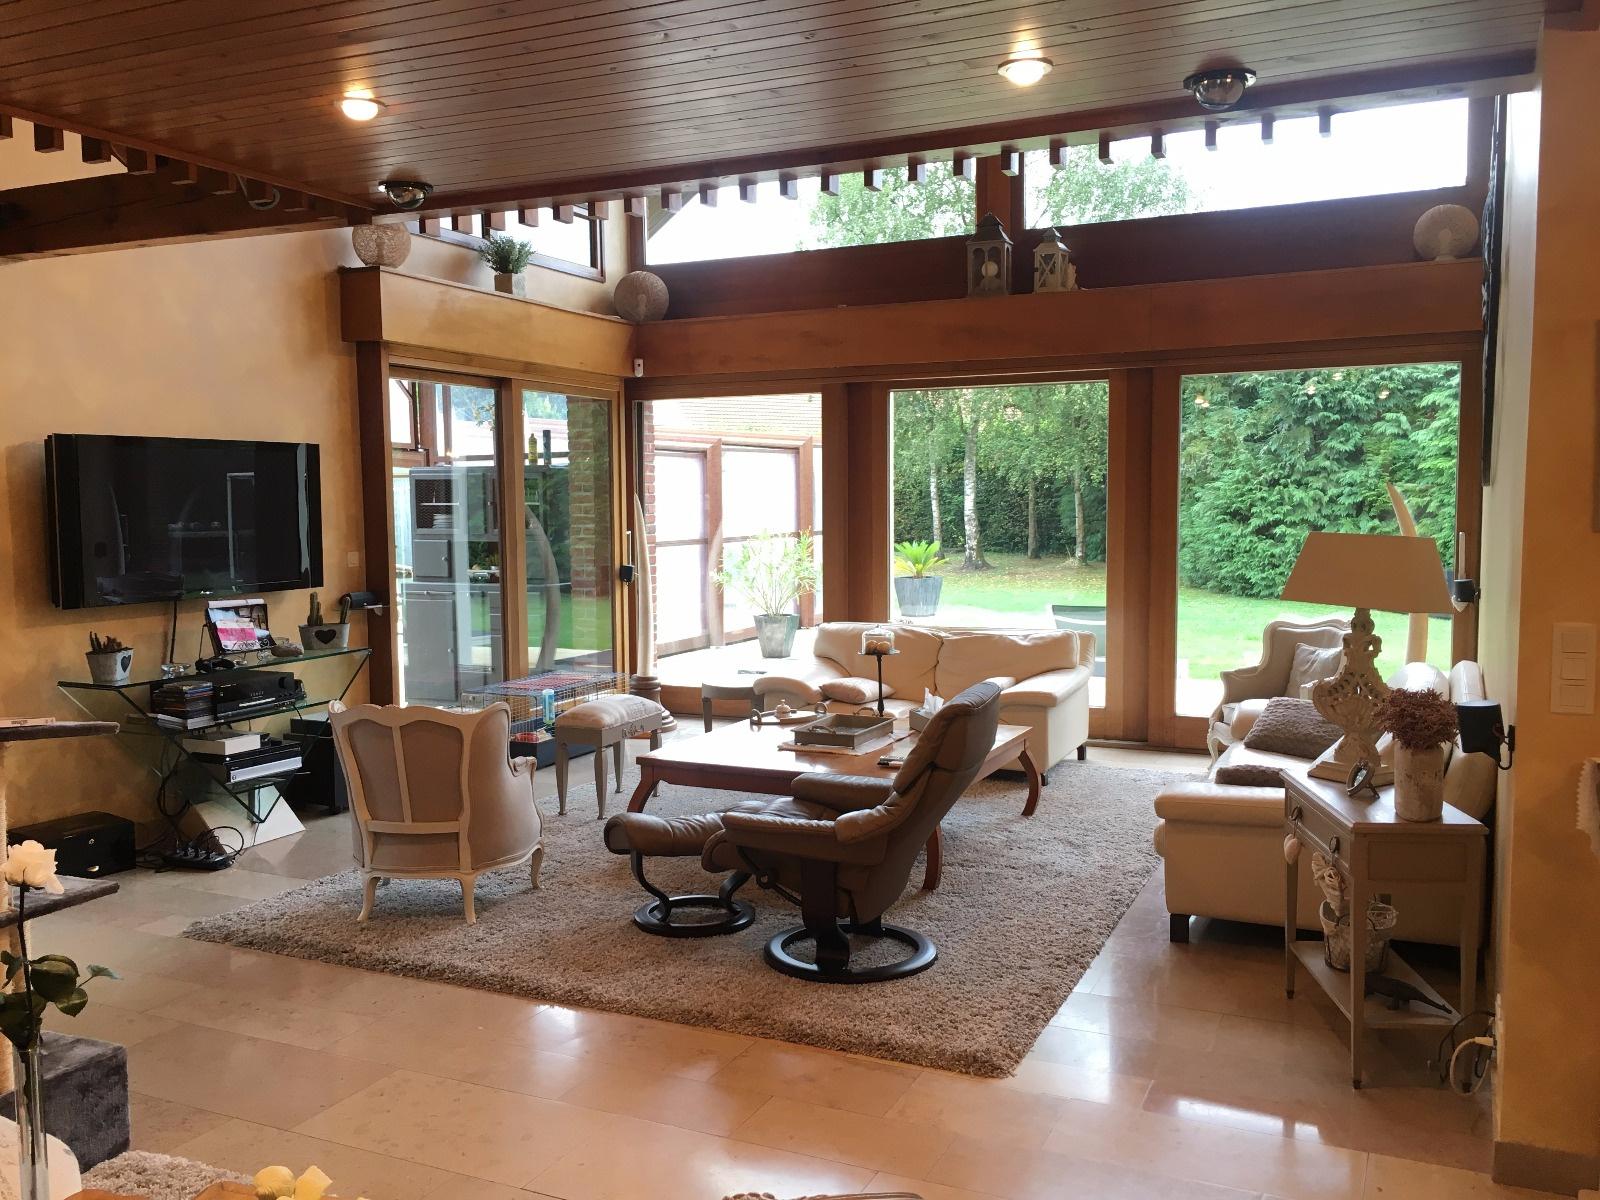 METROPOLE SUD : Magnifique propriété 300 m2 bâtie sur un terrain de 1400 m2 sans vis à vis avec piscine couver